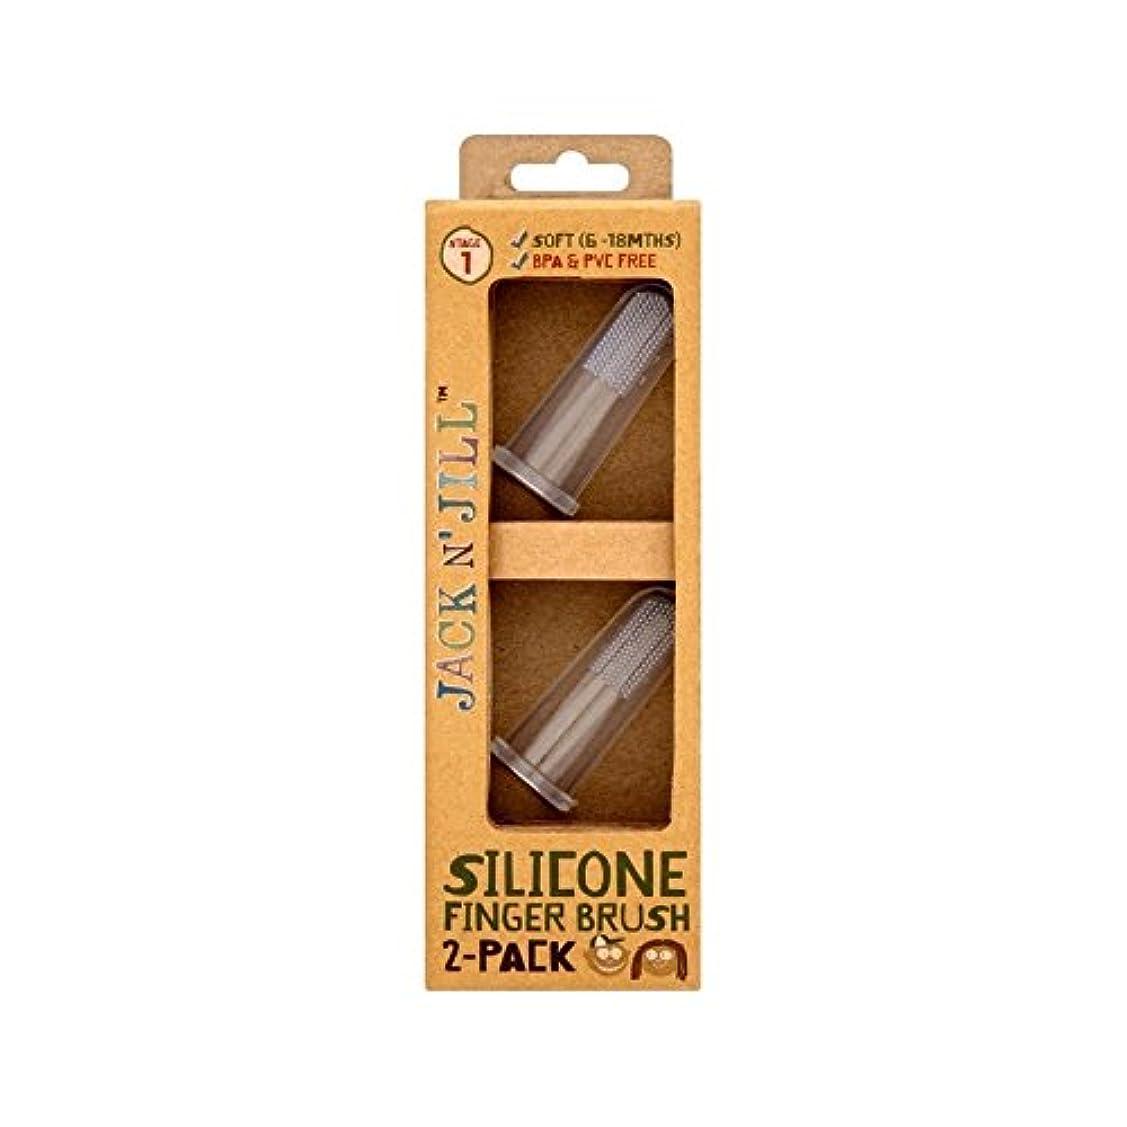 傾向ロードされた特定のシリコーン指ブラシ2パックあたりパック2 (Jack N Jill) (x 2) - Jack N' Jill Silicone Finger Brush 2 Pack 2 per pack (Pack of 2) [並行輸入品]